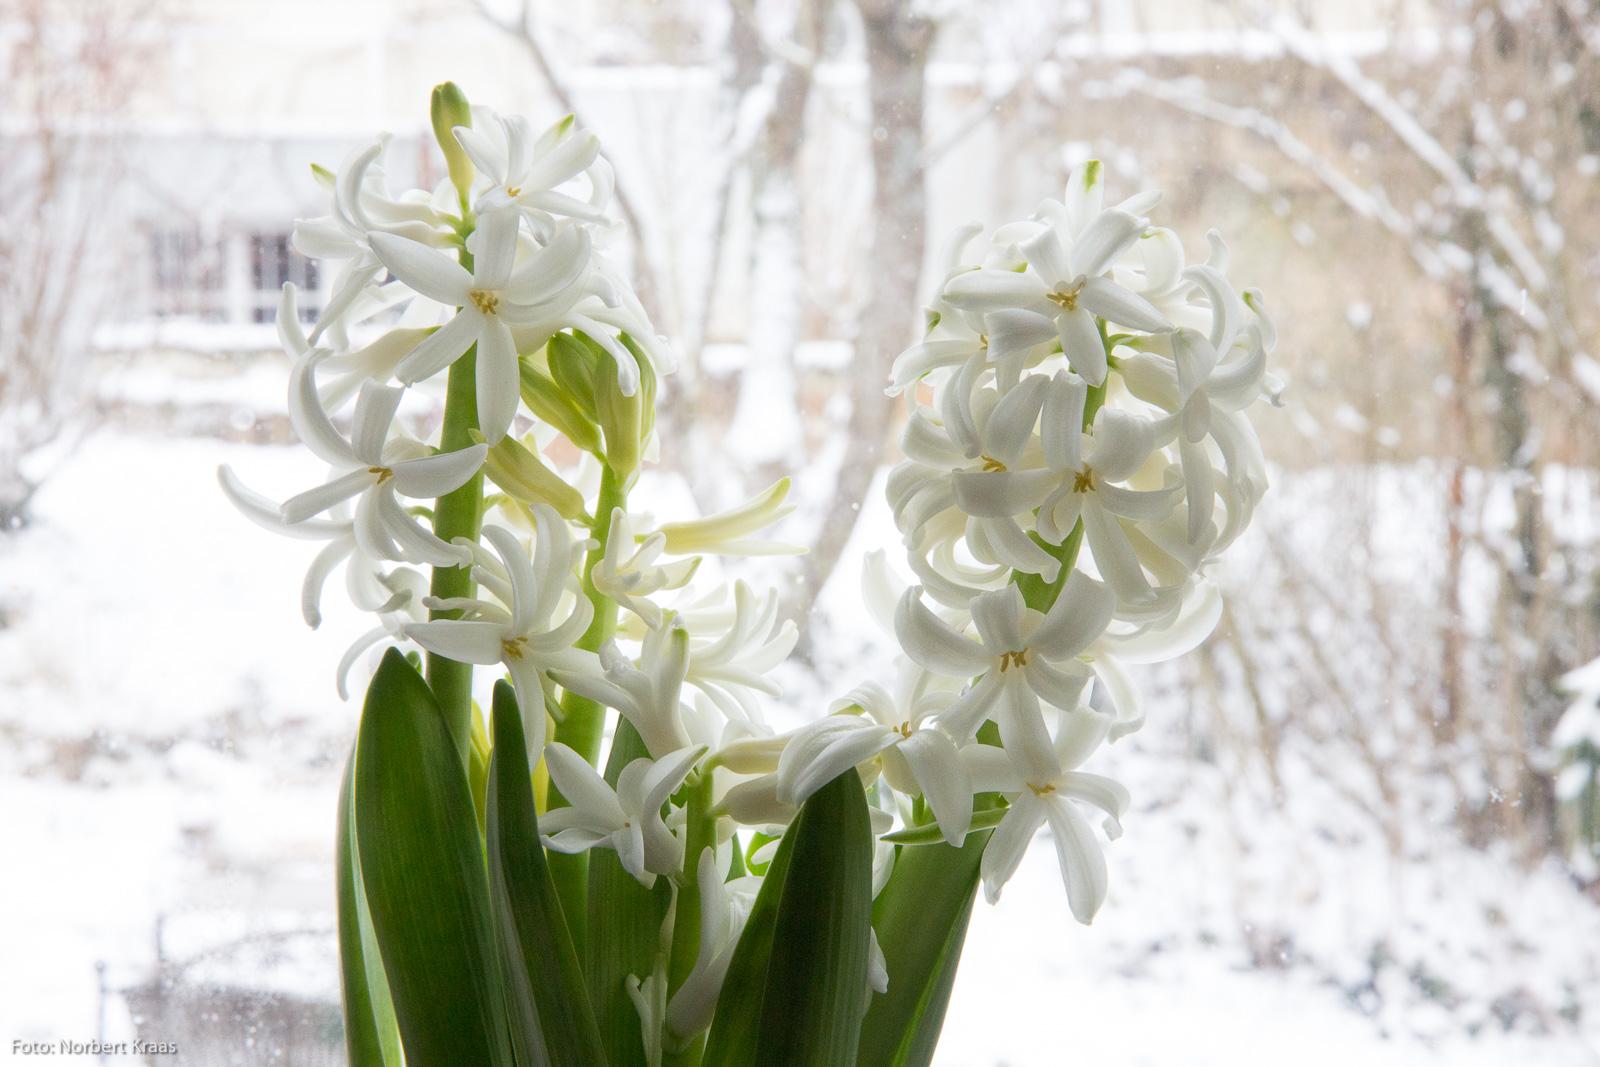 Hyazinthen sind eine Gattung innerhalb der Spargelgewächse und duften nach Frühling